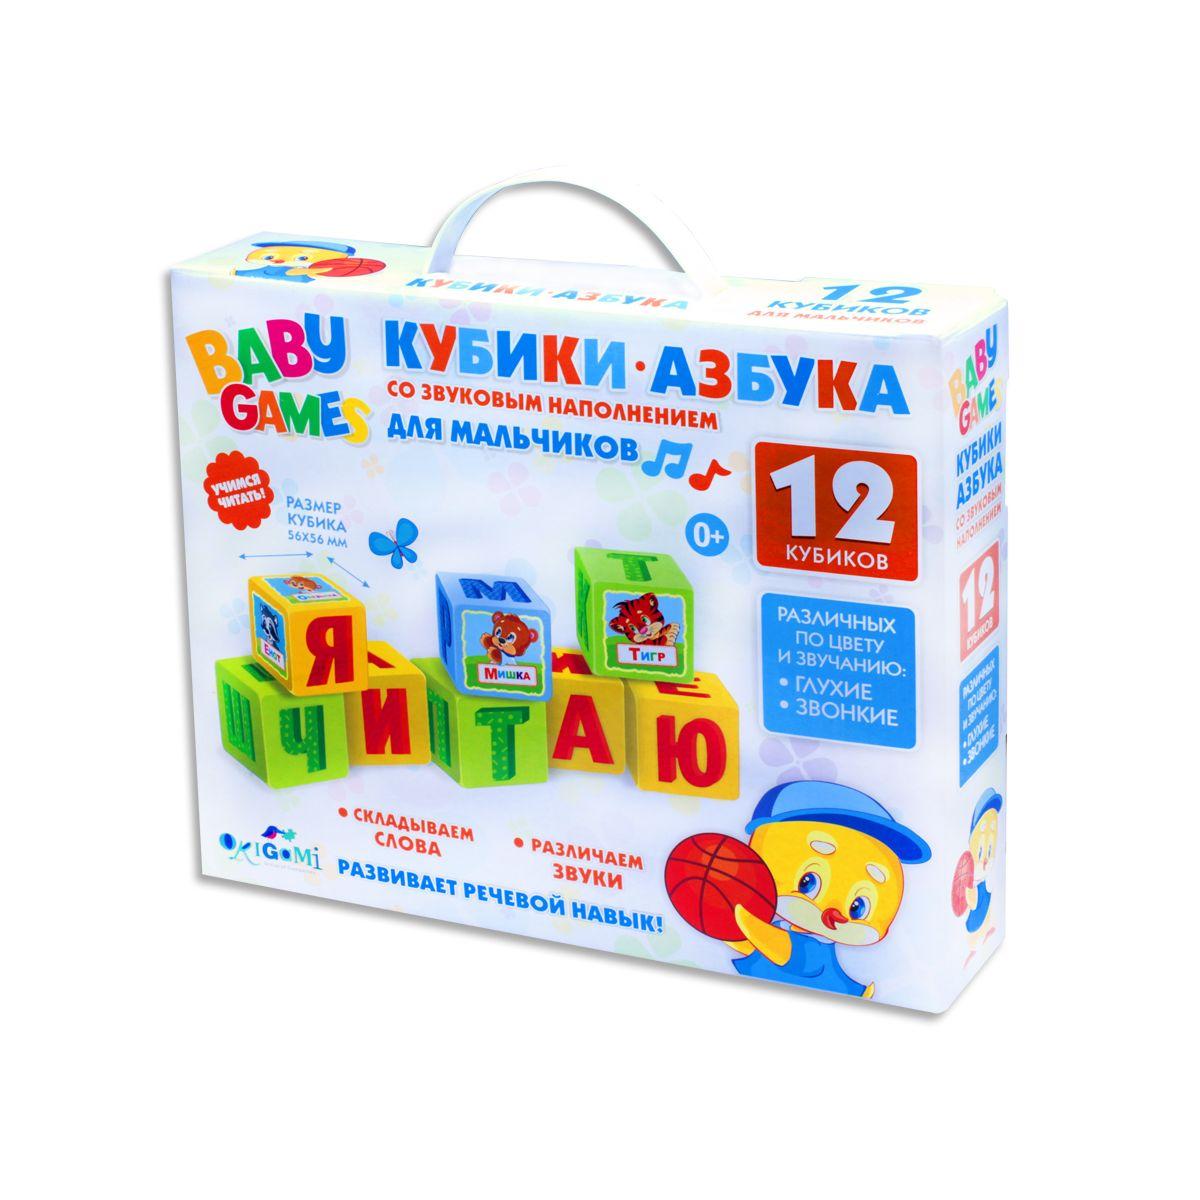 Купить ORIGAMI Обучающий набор кубиков Азбука для мальчиков 05244, Россия